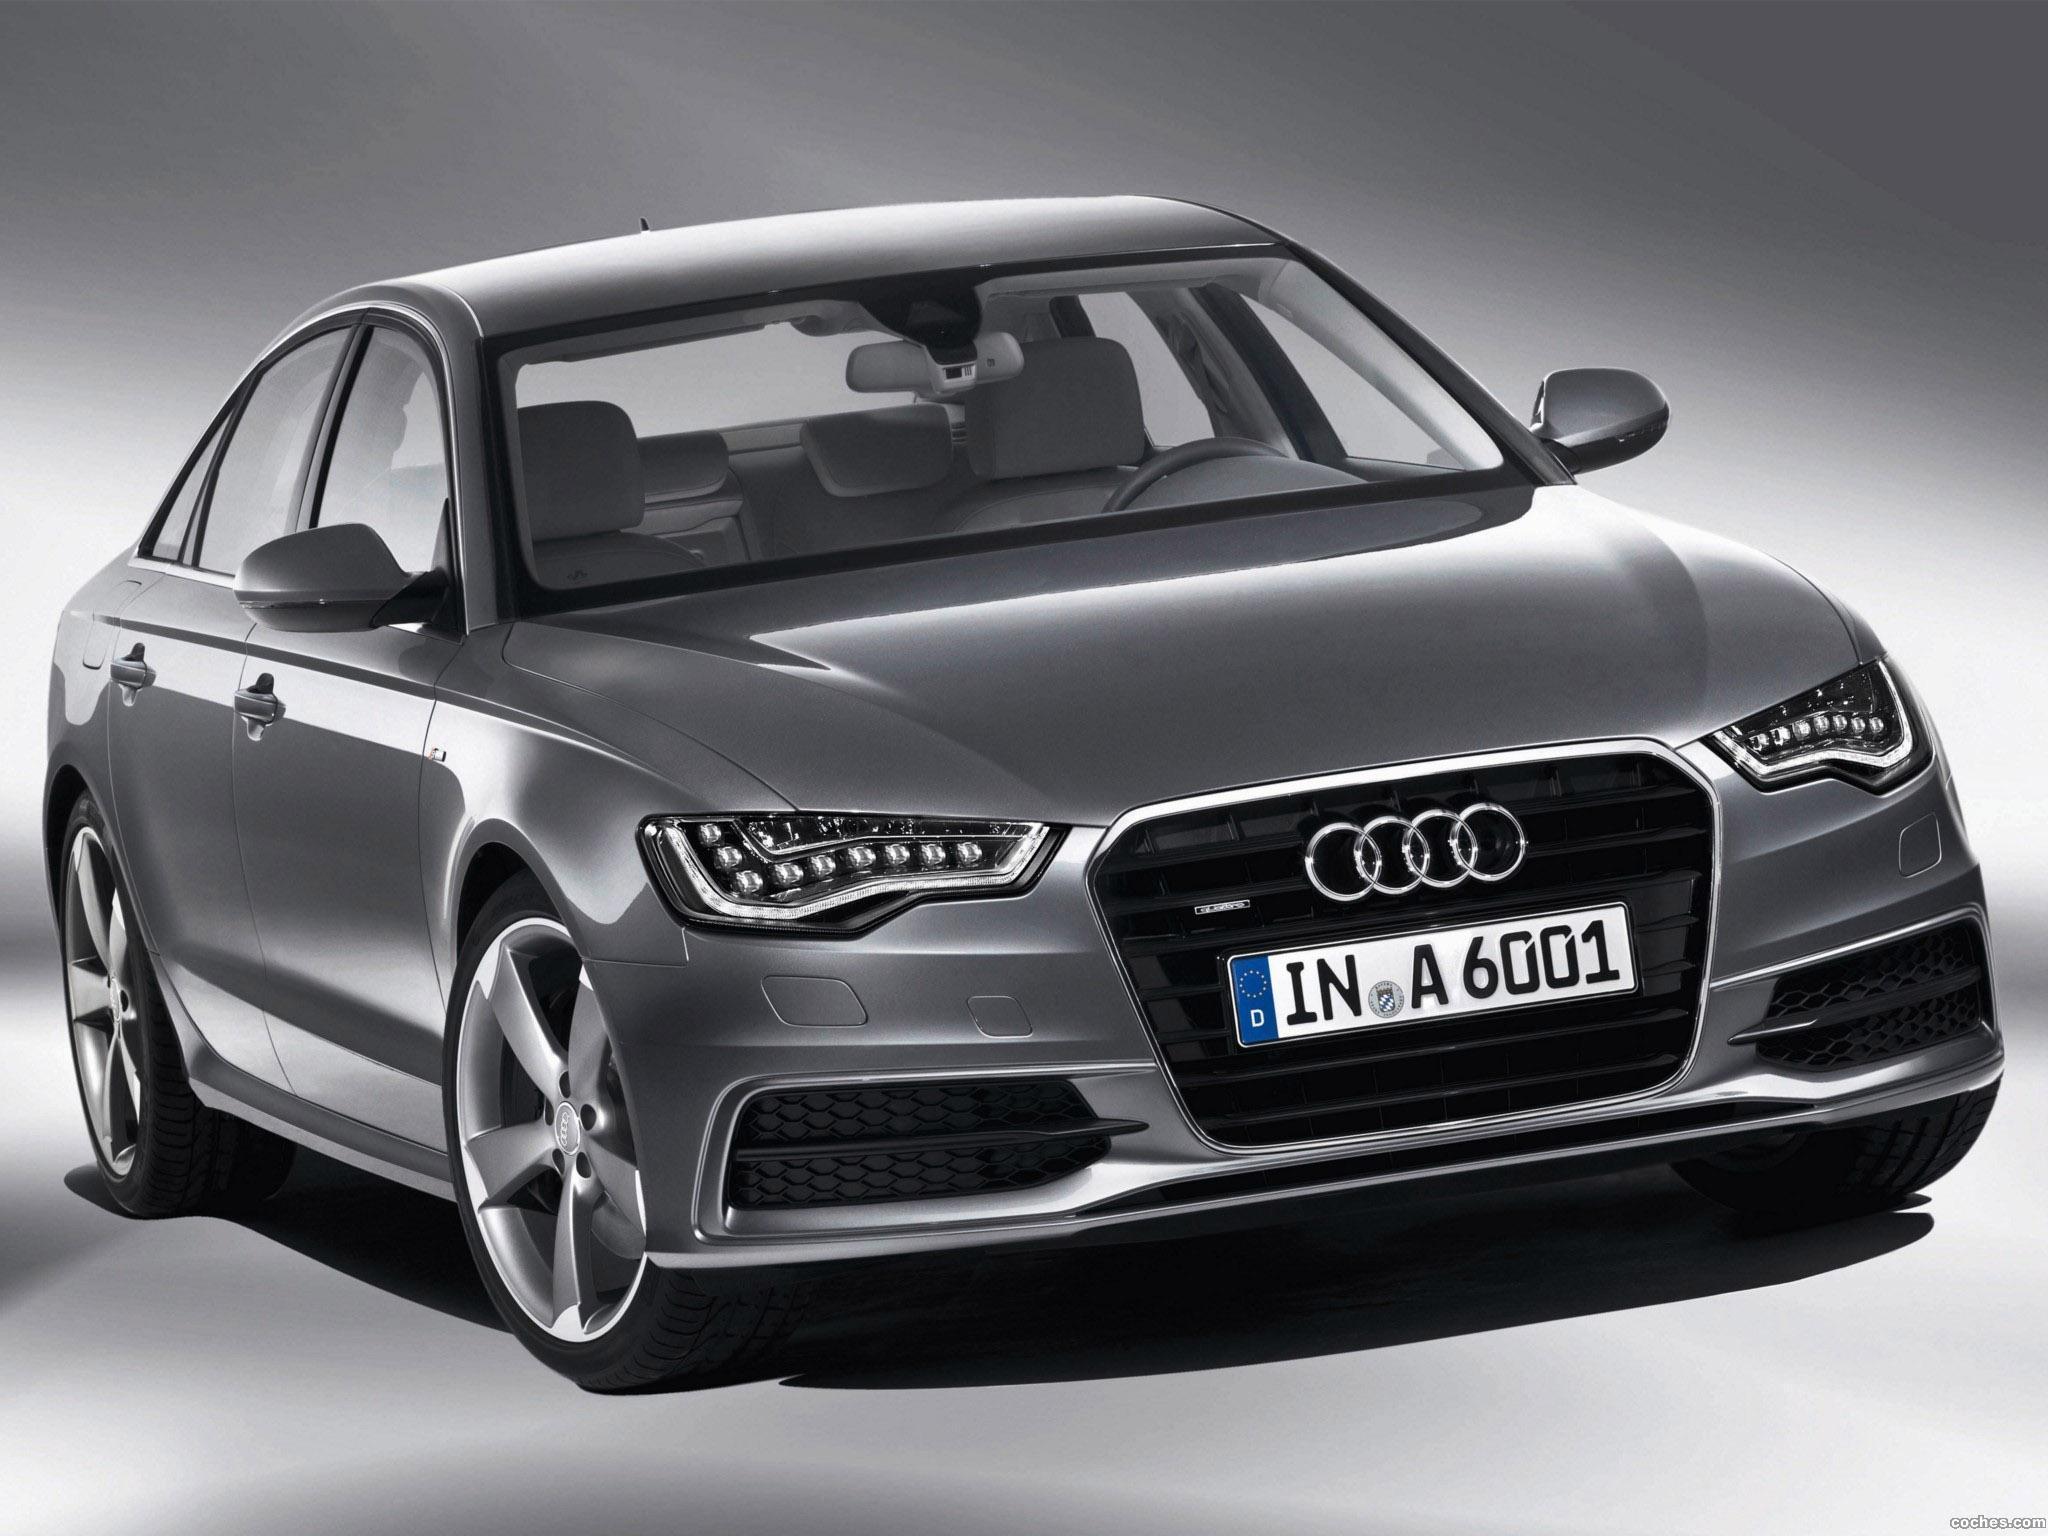 Foto 0 de Audi A6 S-Line 2011